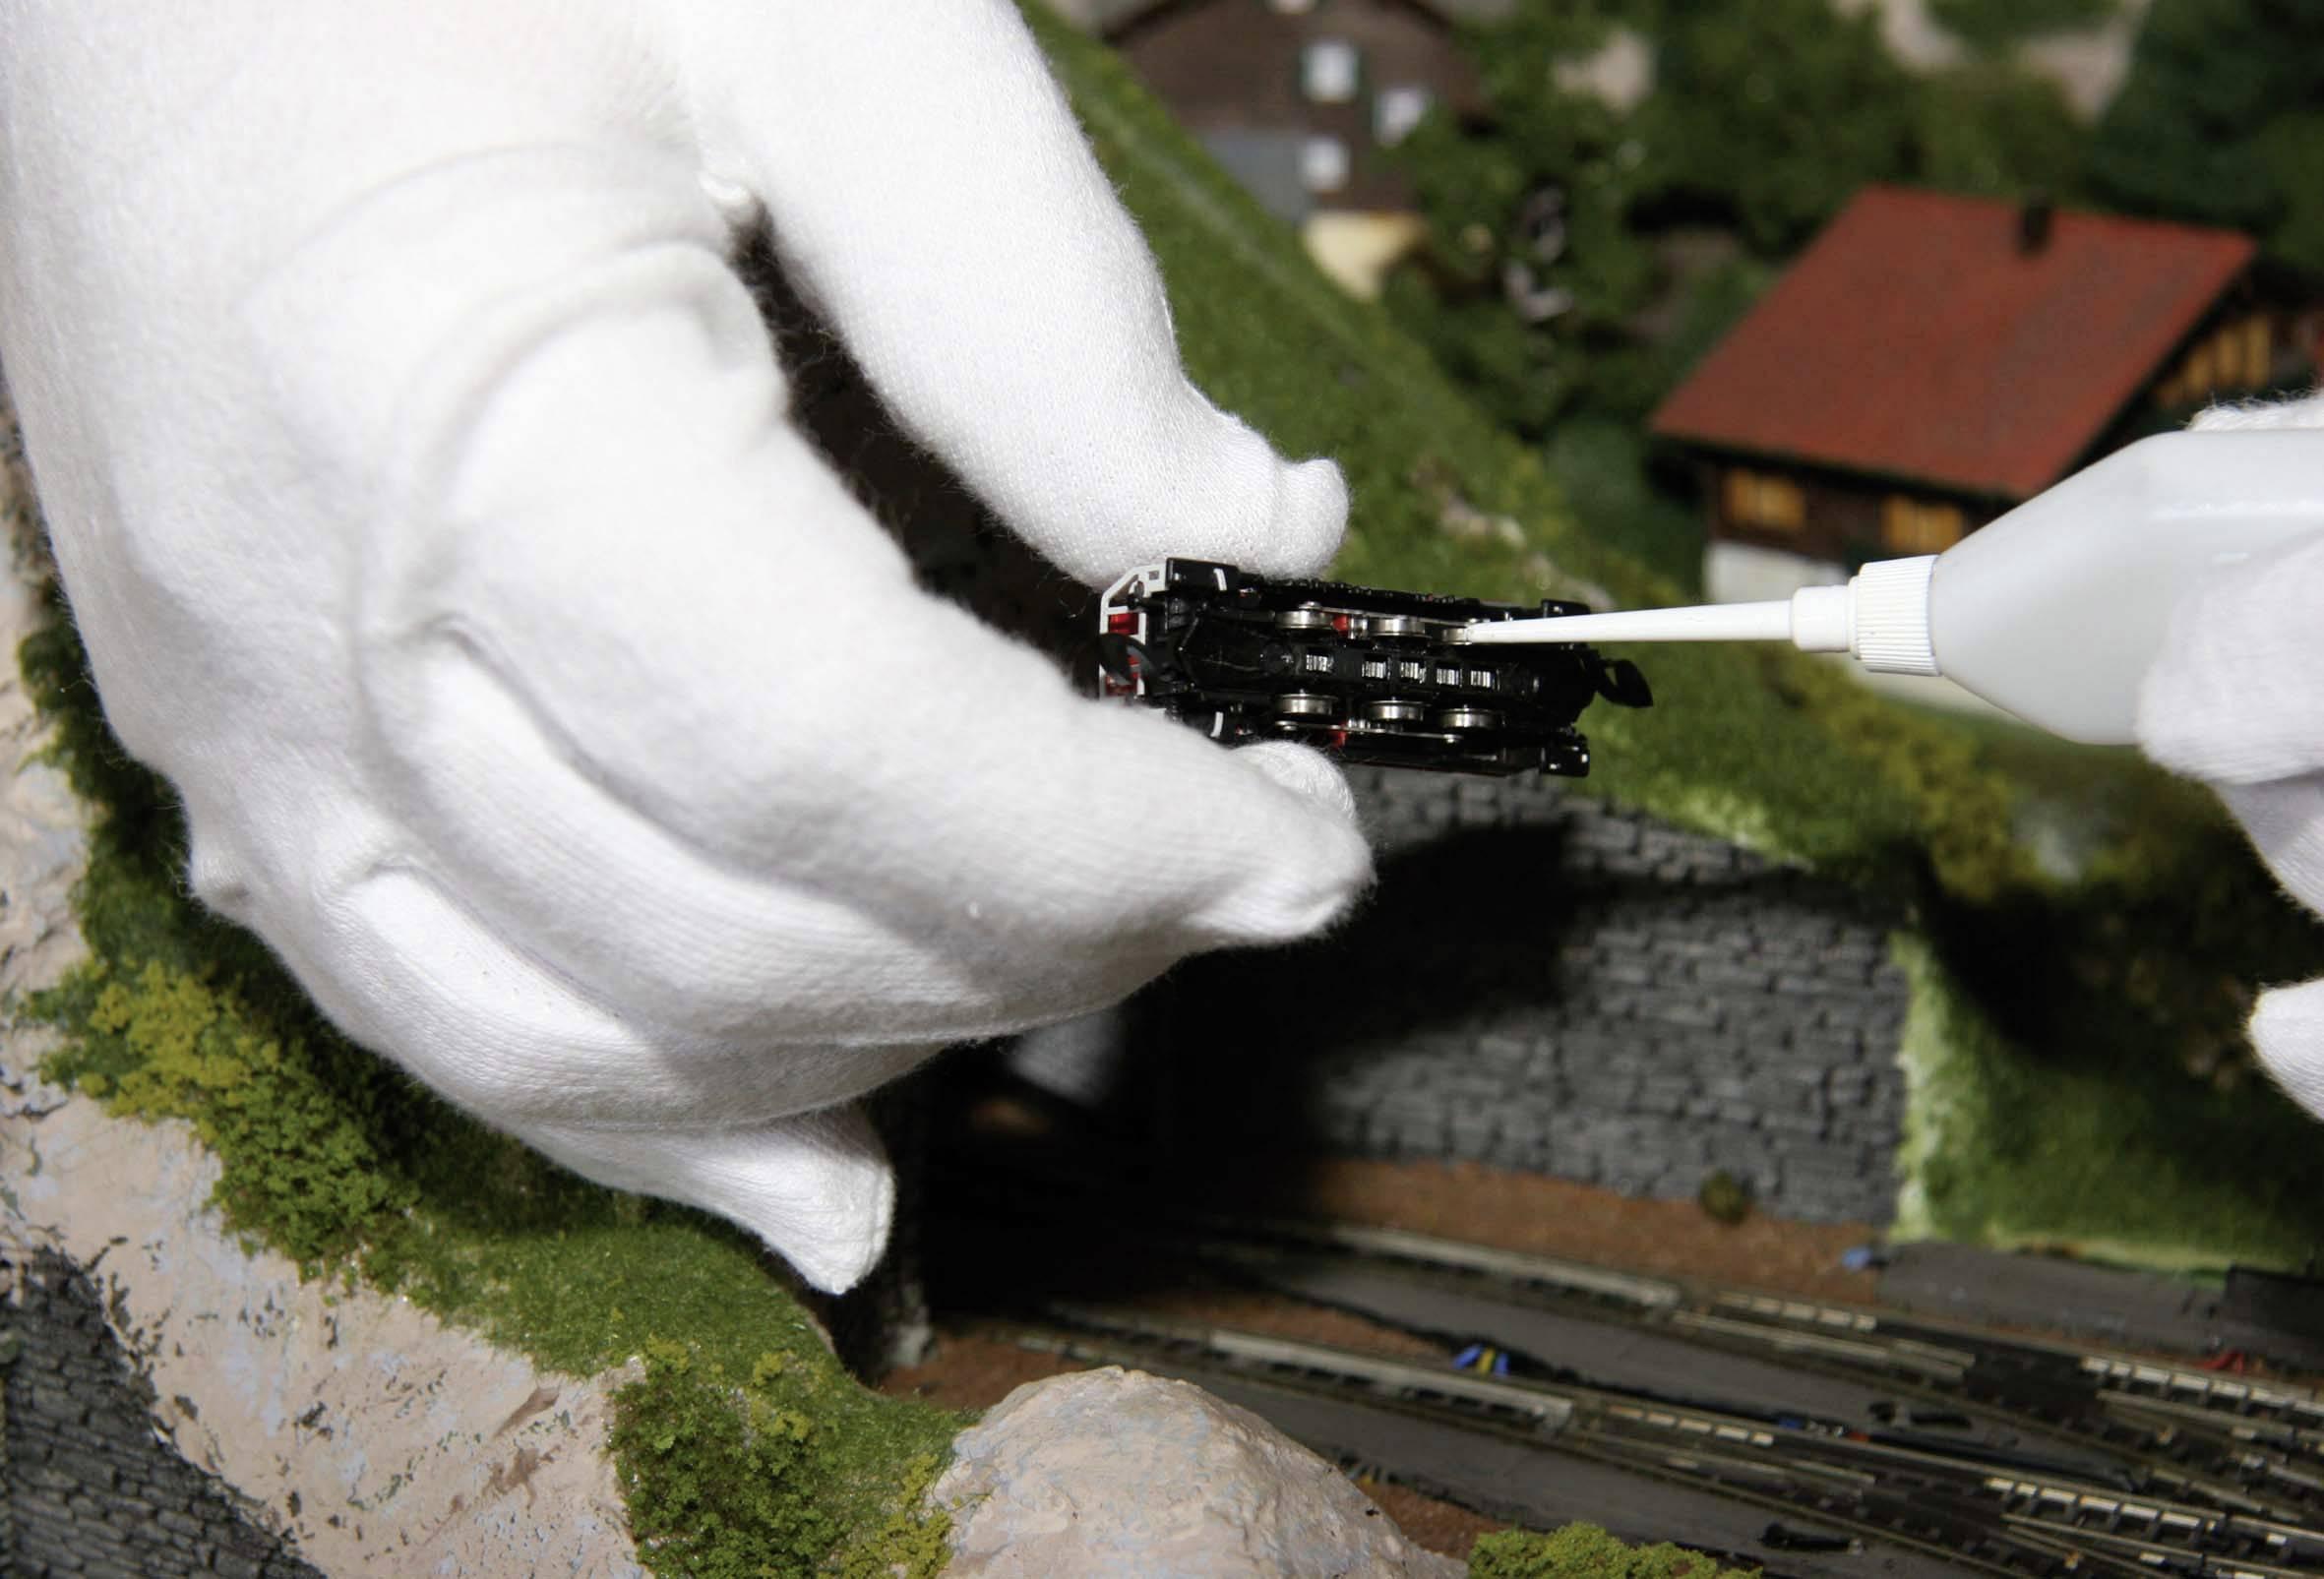 Pracovné rukavice worky Trikot Schichtel 1001, velikost rukavic: 10, XL